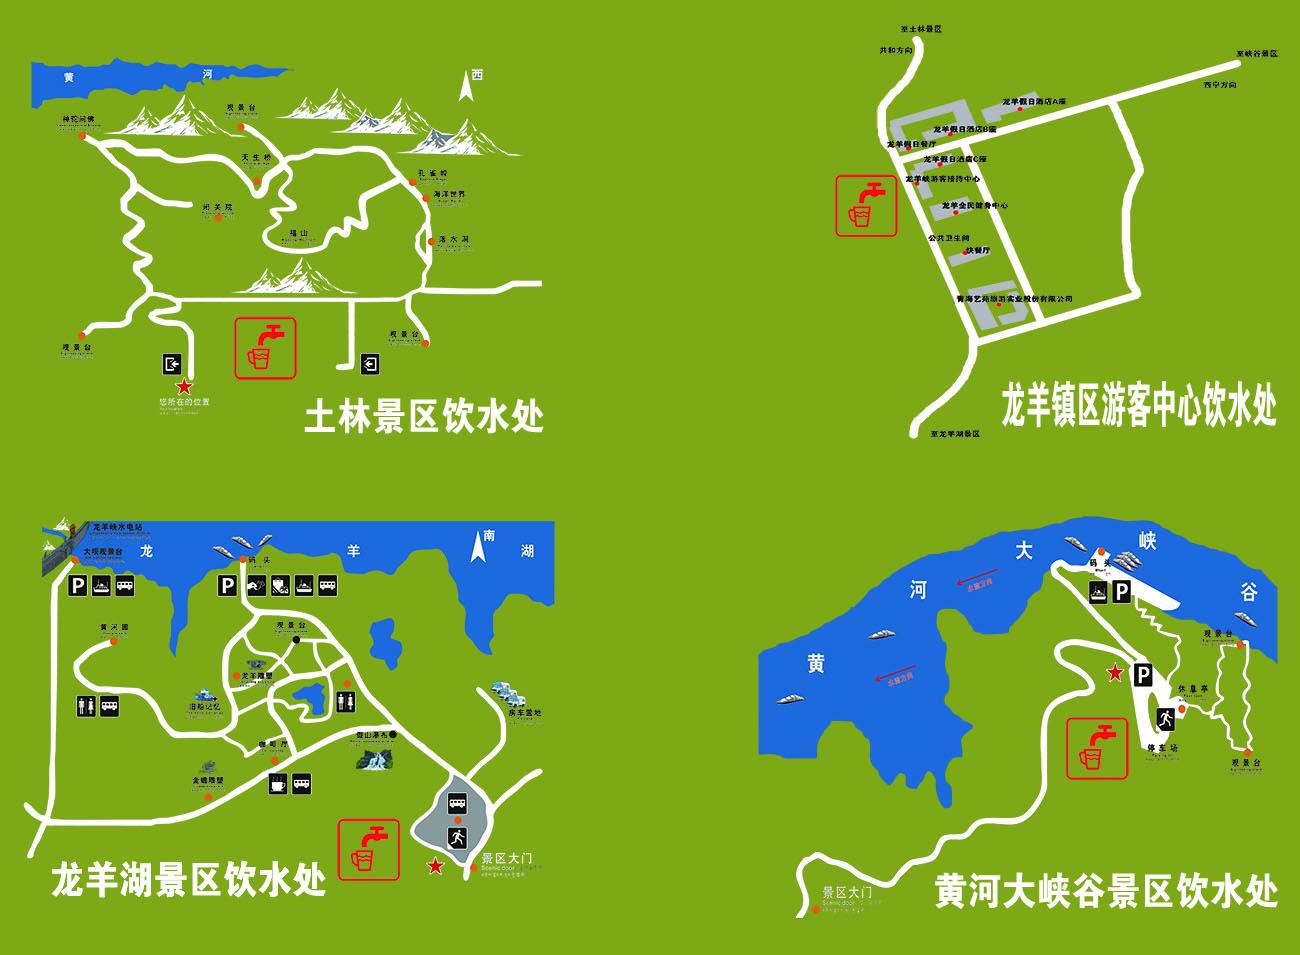 龙羊峡景区缩略图4M(2).jpg